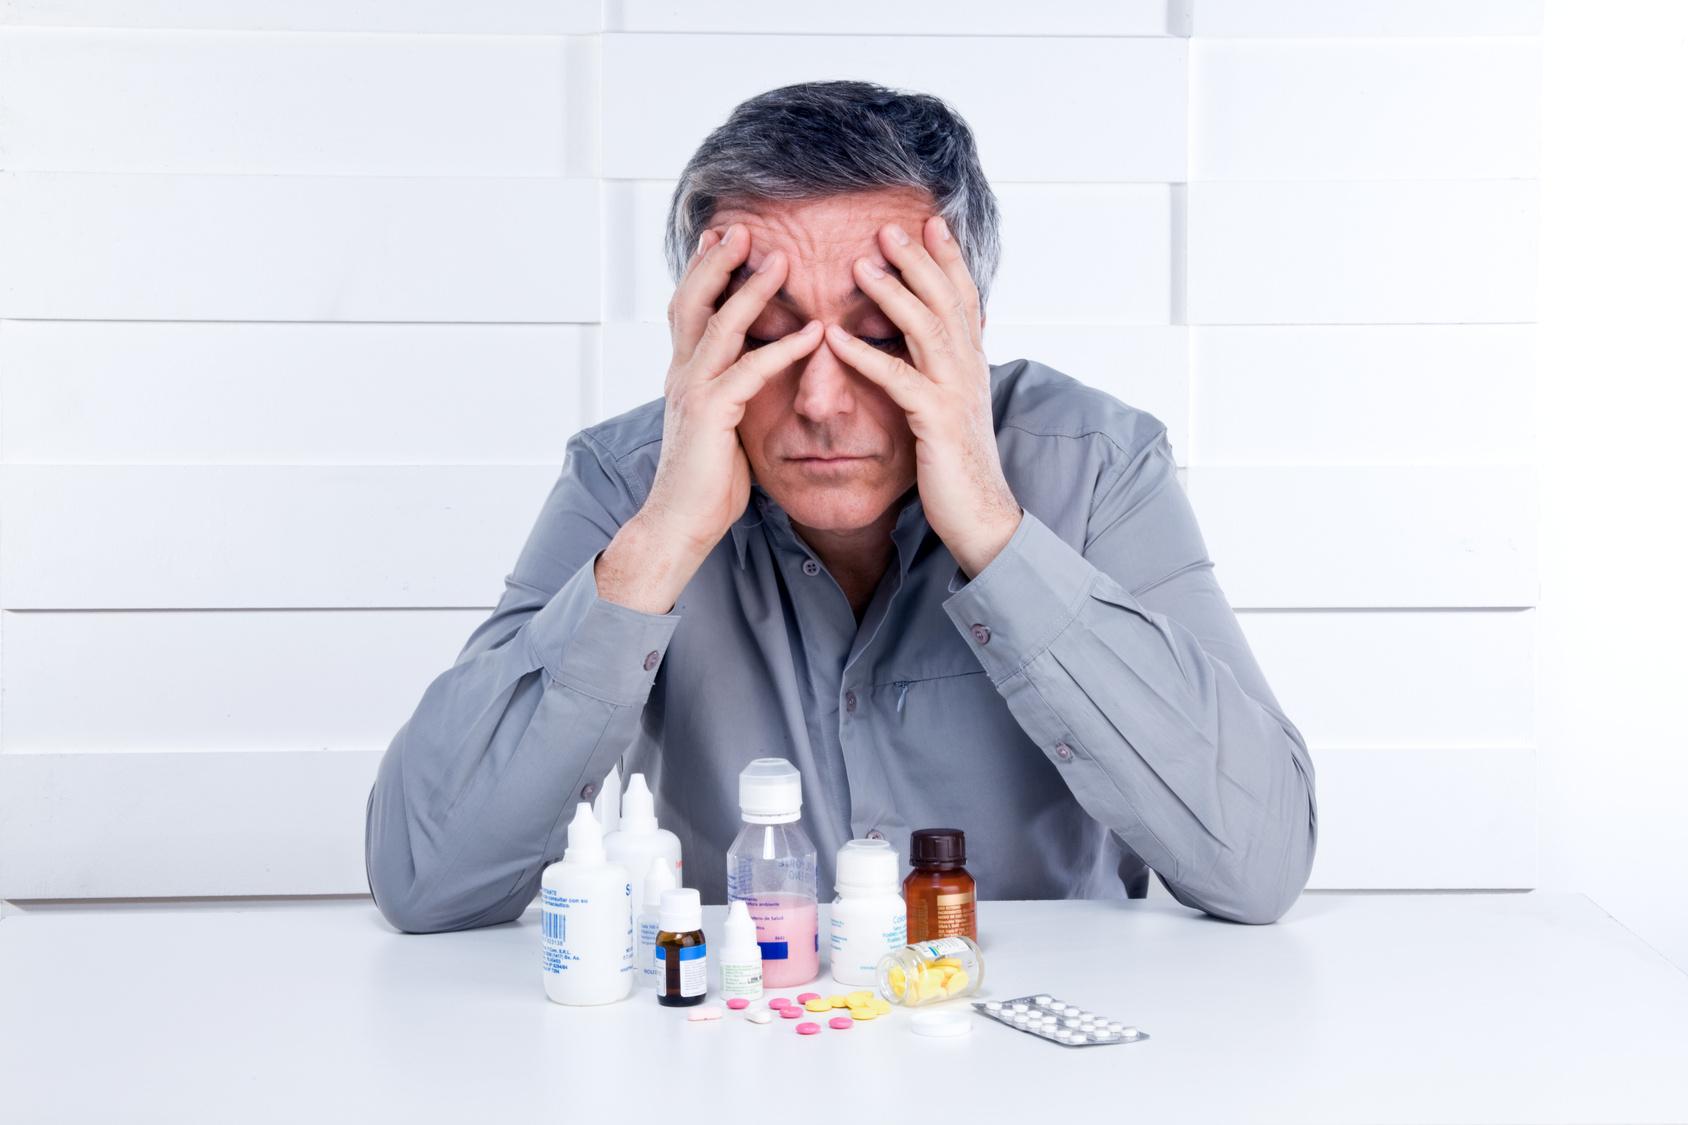 Интенсивная головная боль фото